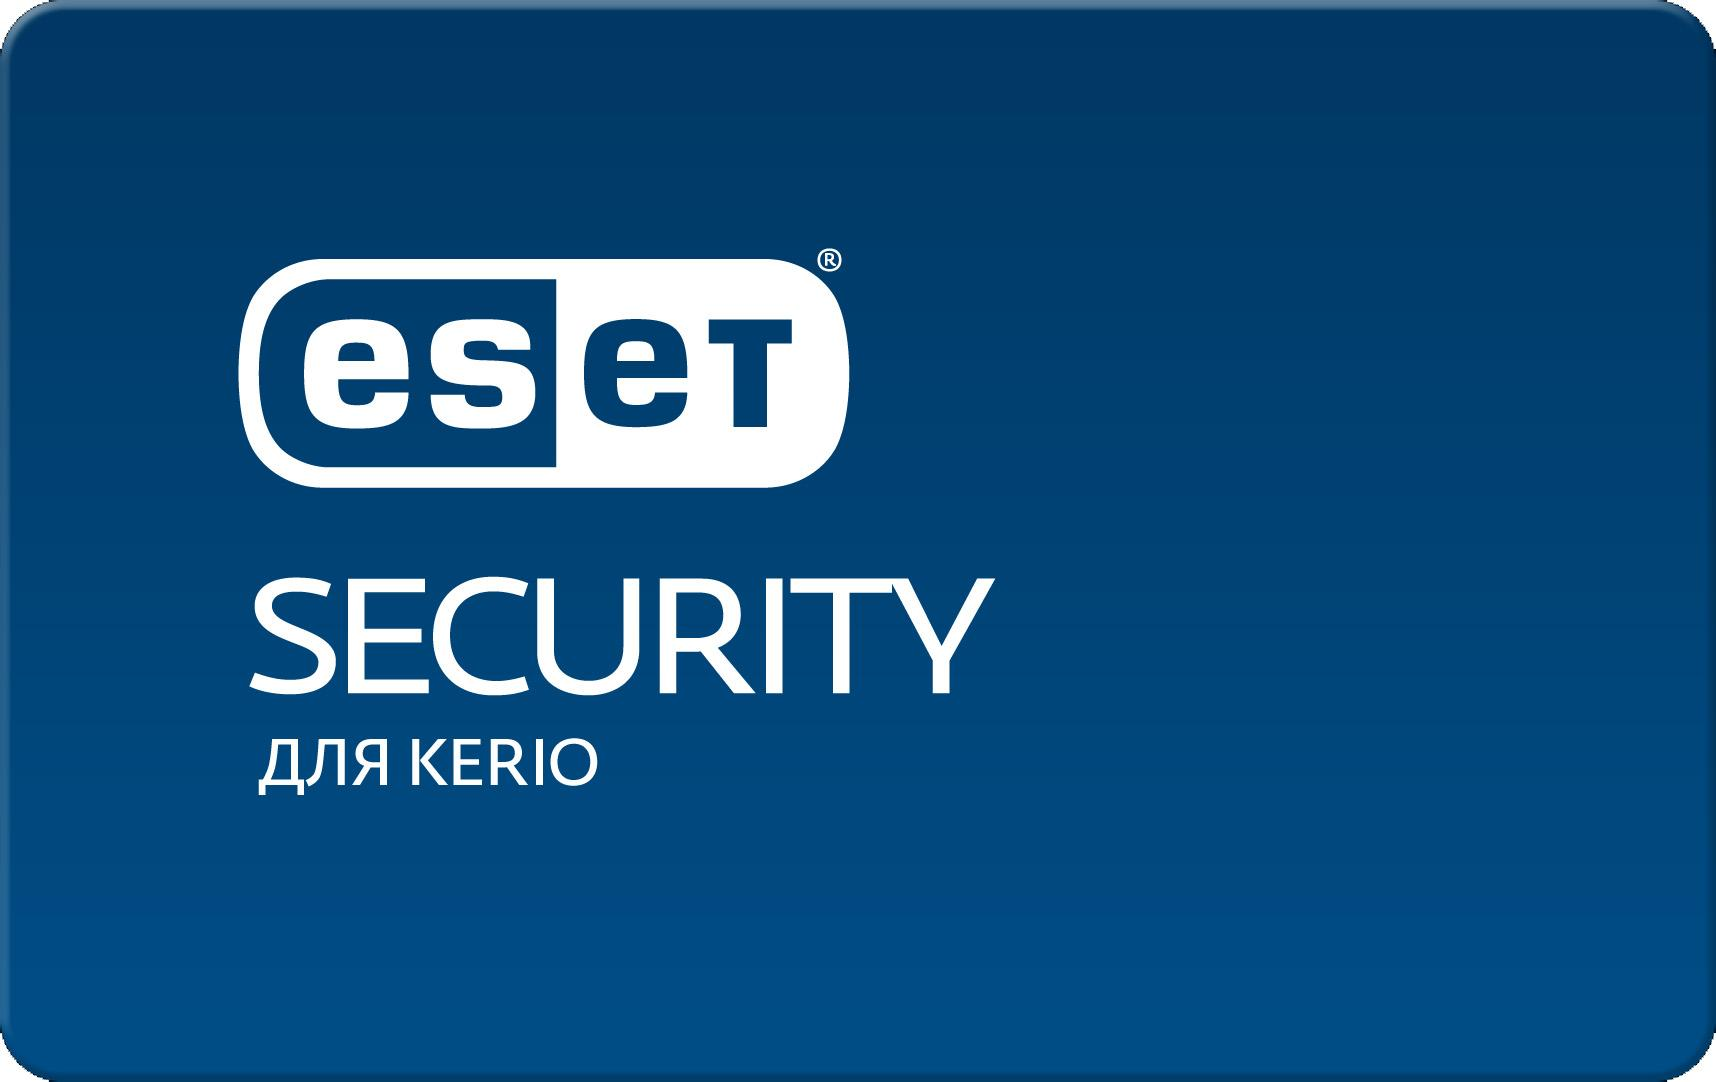 Защита почтовых серверов и интернет-шлюзов Eset Security для Kerio  для 168 пользователей